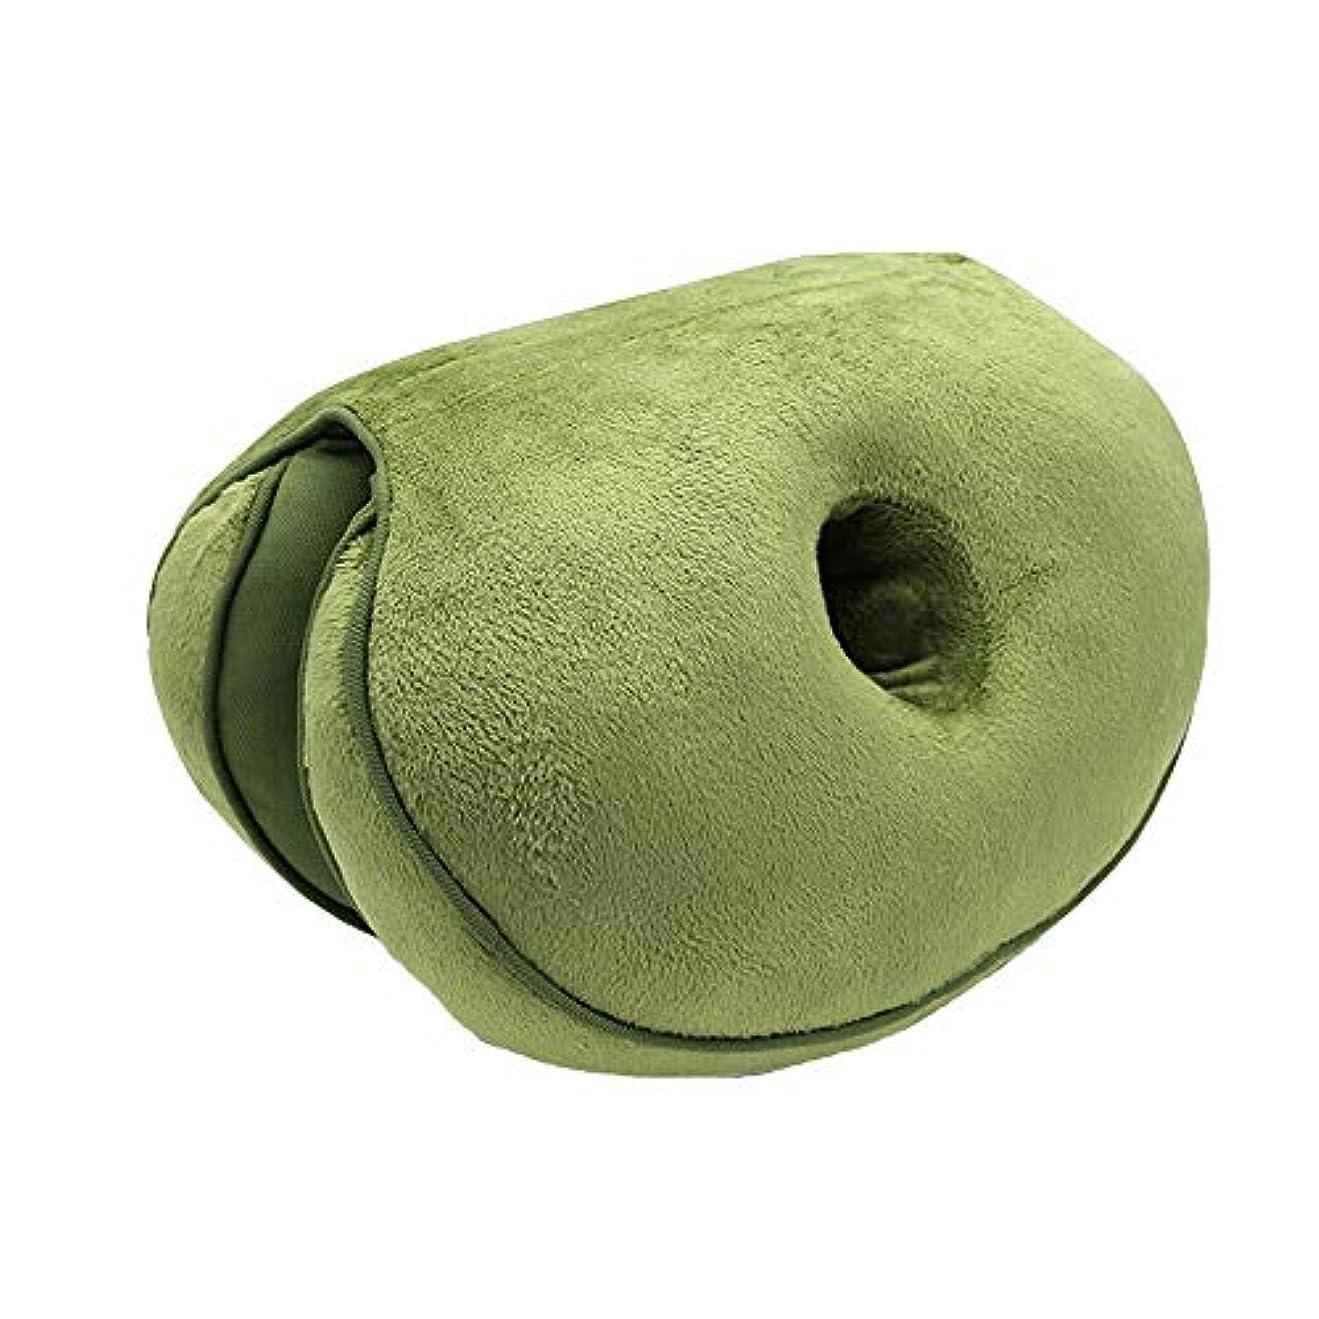 申し立てられたちょうつがいキッチンLIFE 新デュアルシートクッション低反発ラテックスオフィスチェアバックシートクッション快適な臀部マットパッド枕旅行枕女性女の子 クッション 椅子